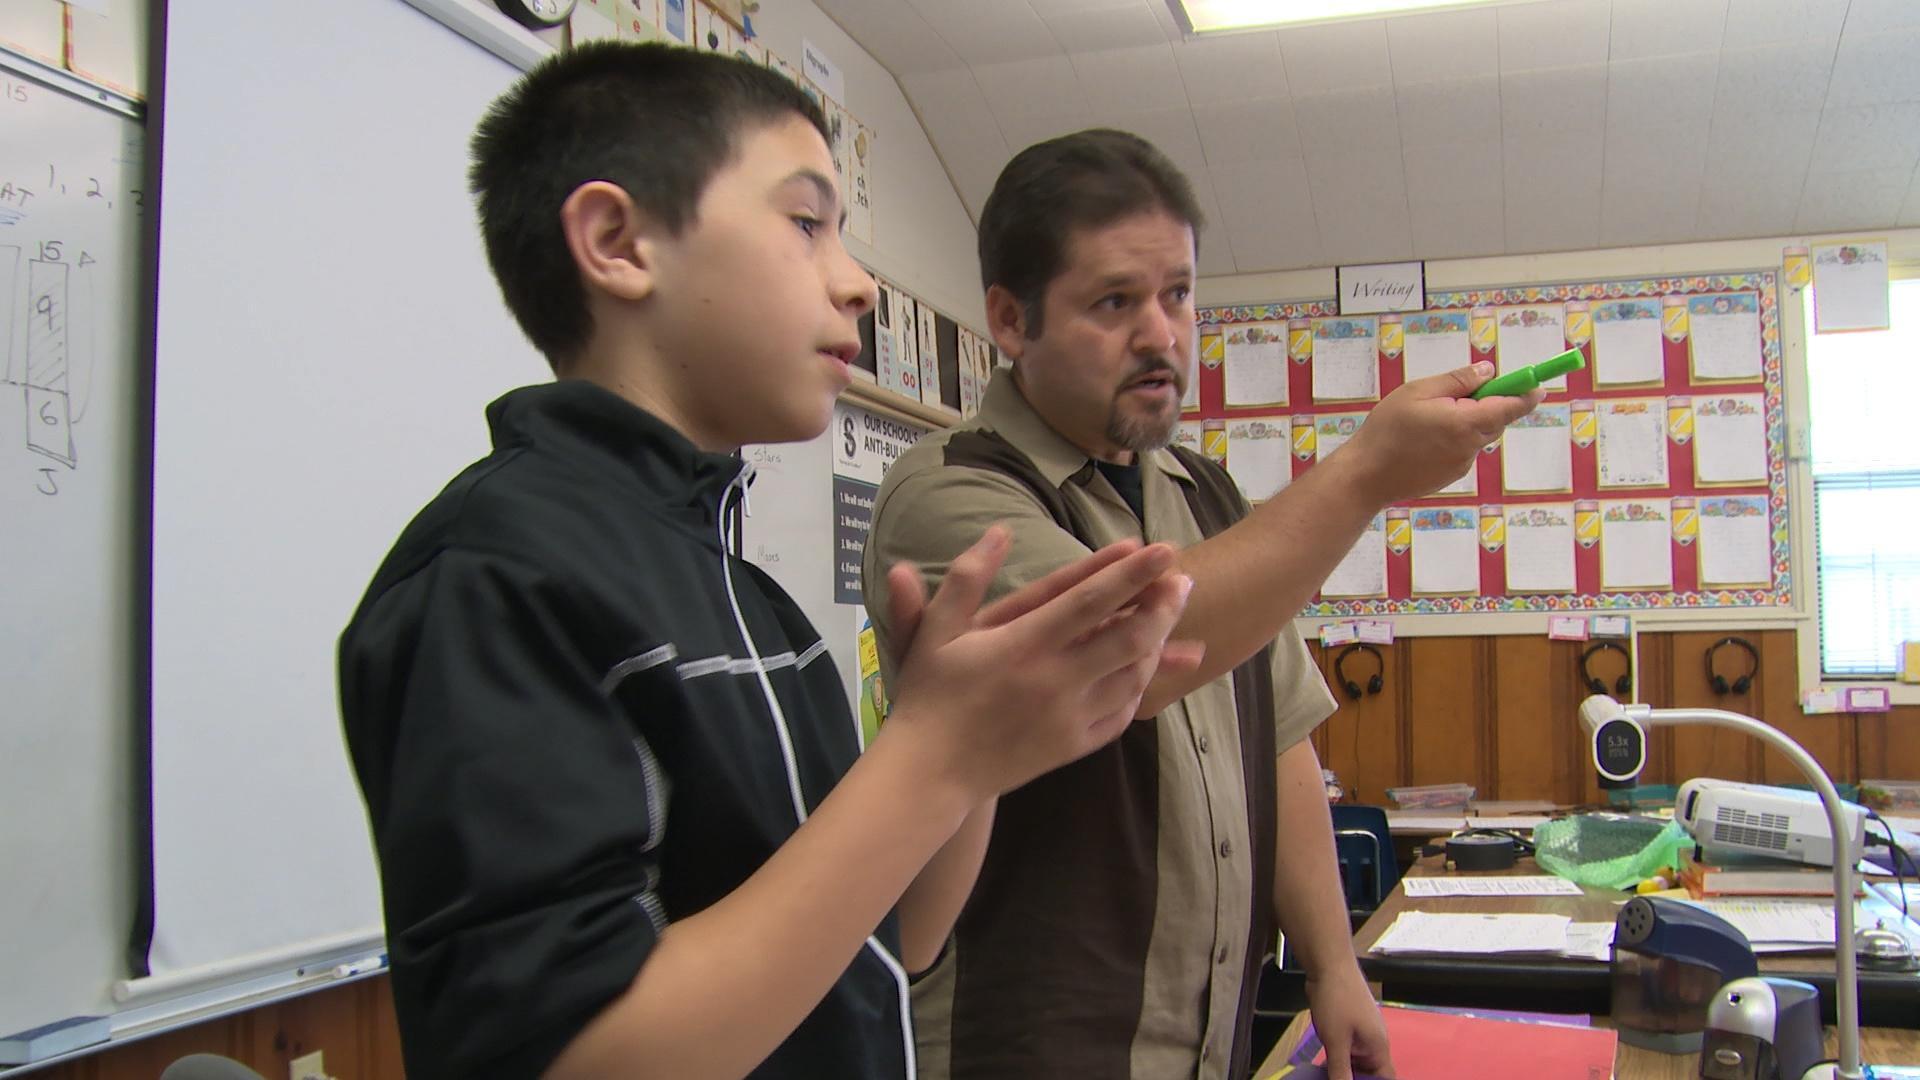 Jose and Mr. Ramos